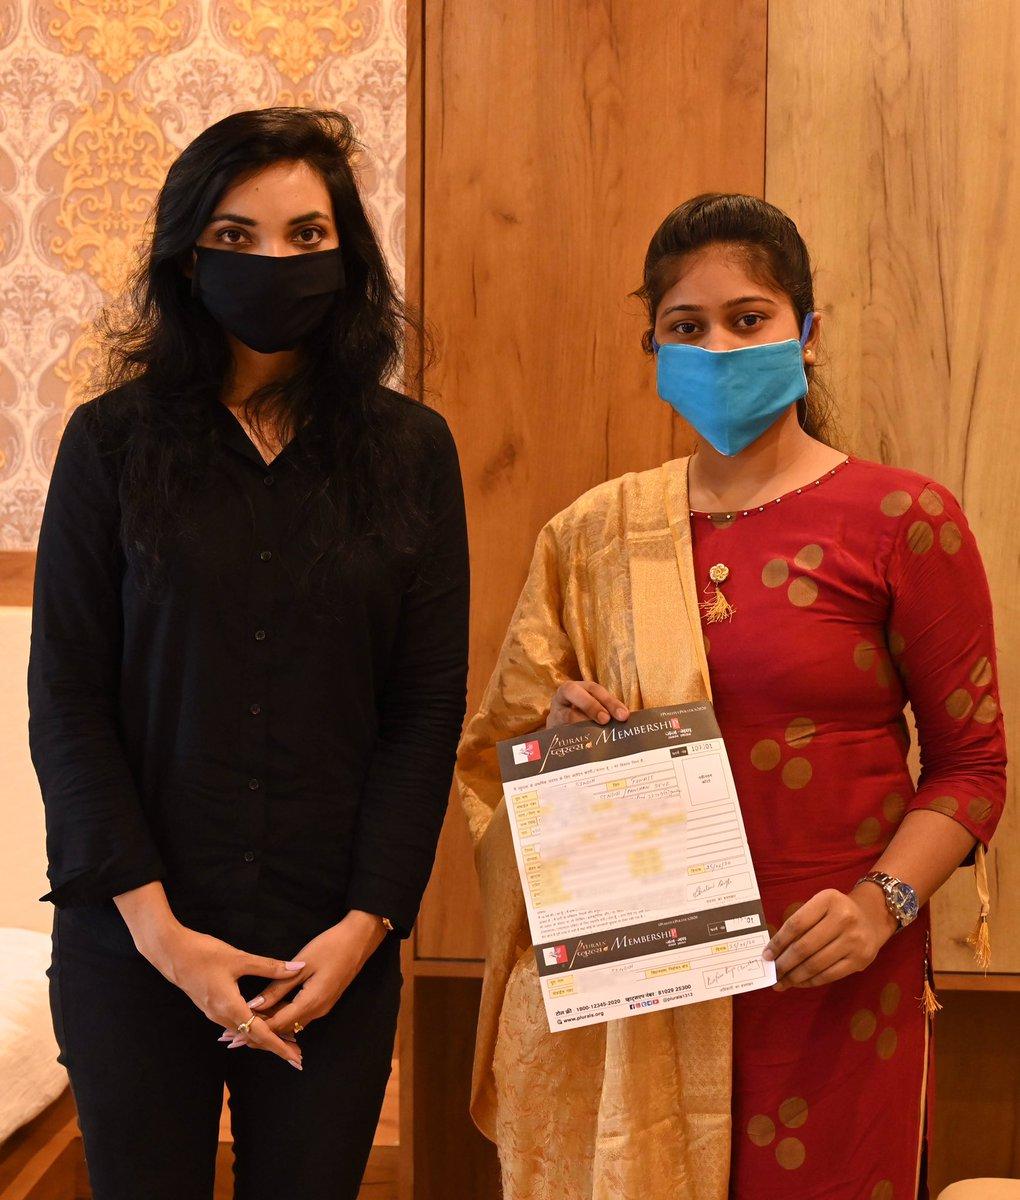 पिछले हफ़्ते भभुआ में शालिनी (जन्म: 1999) मिलने आईं। सीधे-सहज परिवार की मेहनती यंग लेडी Zoology ग्रेजुएशन के बाद पी.एच.डी. कर प्रोफ़ेसर बनेंगी। इस साल वोटिंग फ़्रीडम पाने वाली शालिनी बिहार में क्वालिटी एजुकेशन और मनचाहे जॉब के लिये सरकार चुनेंगी। #FirstInFreedom #LetsOpenBihar https://t.co/WZtiQX0USV